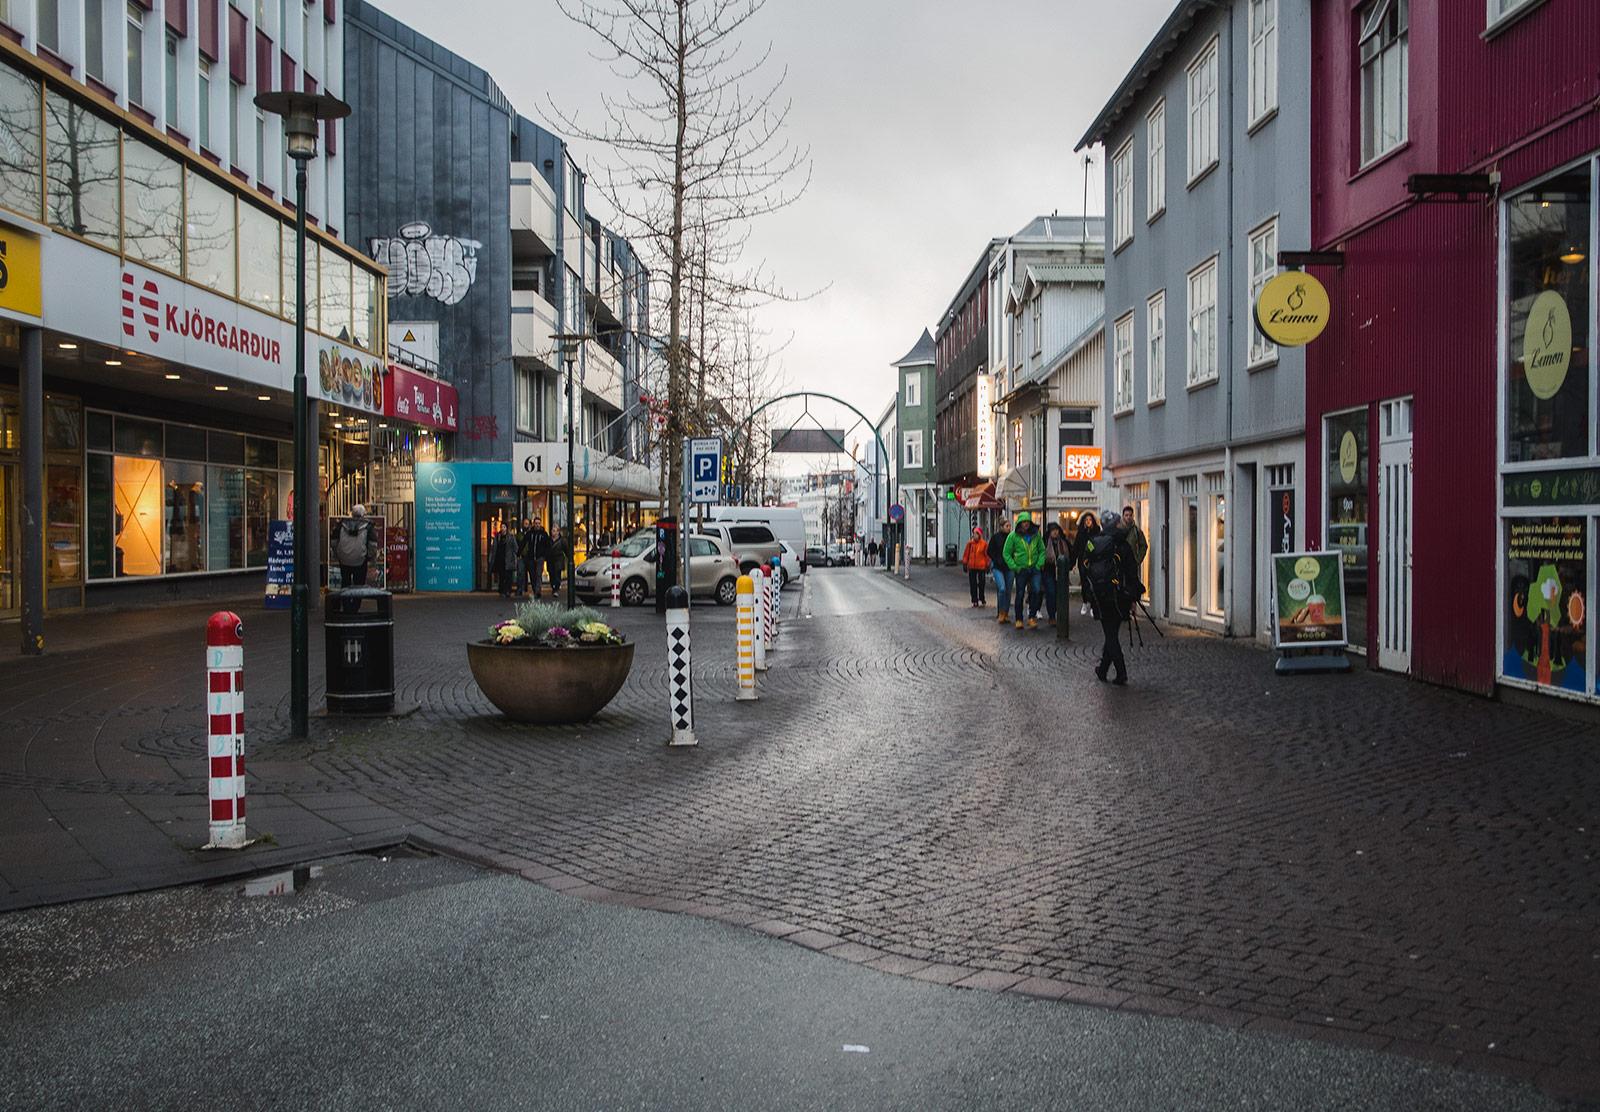 People walking along street